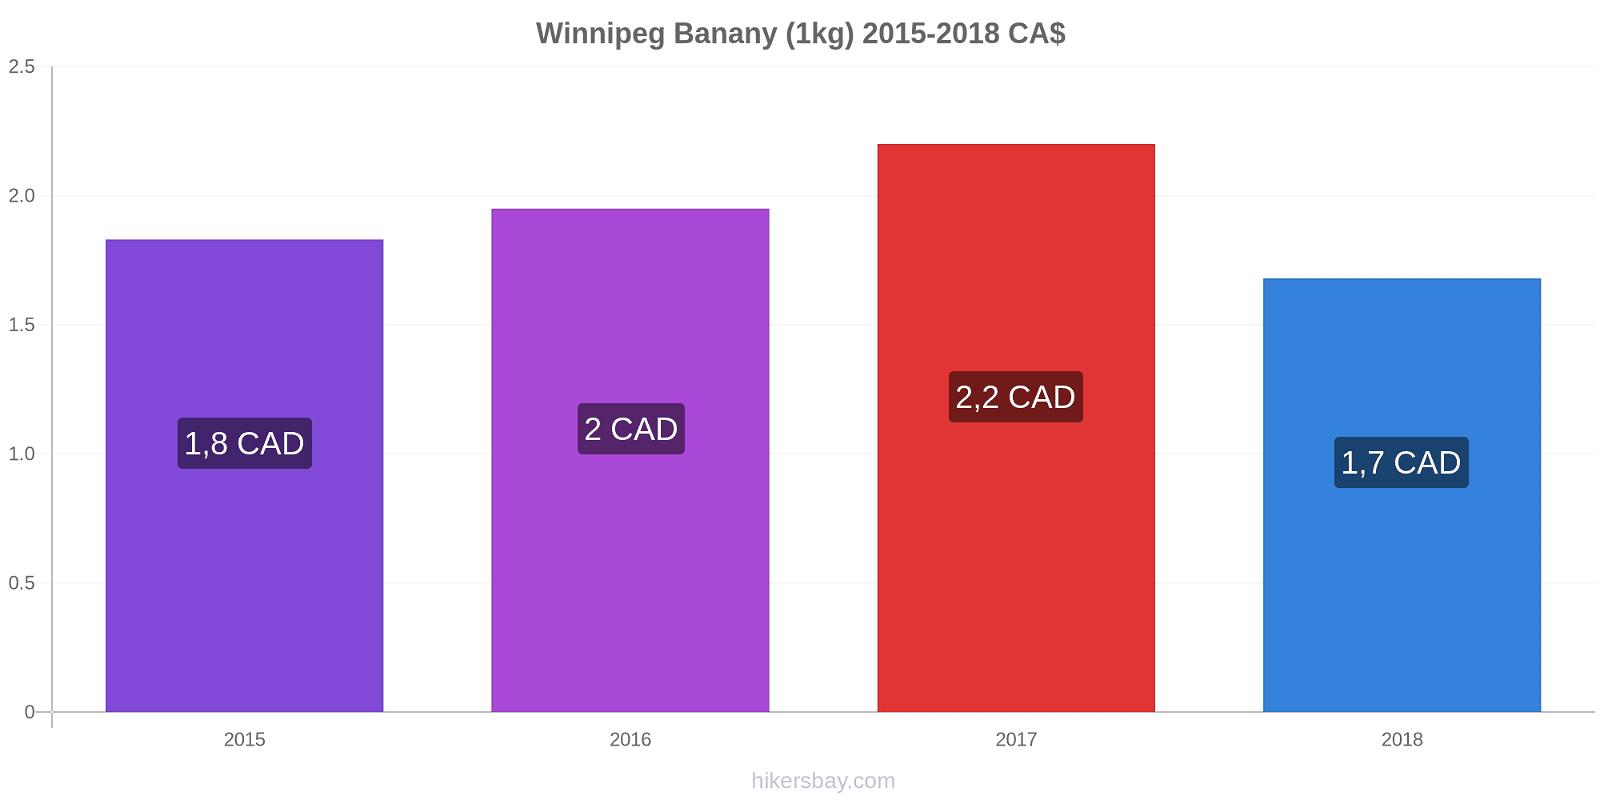 Winnipeg zmiany cen Banany (1kg) hikersbay.com